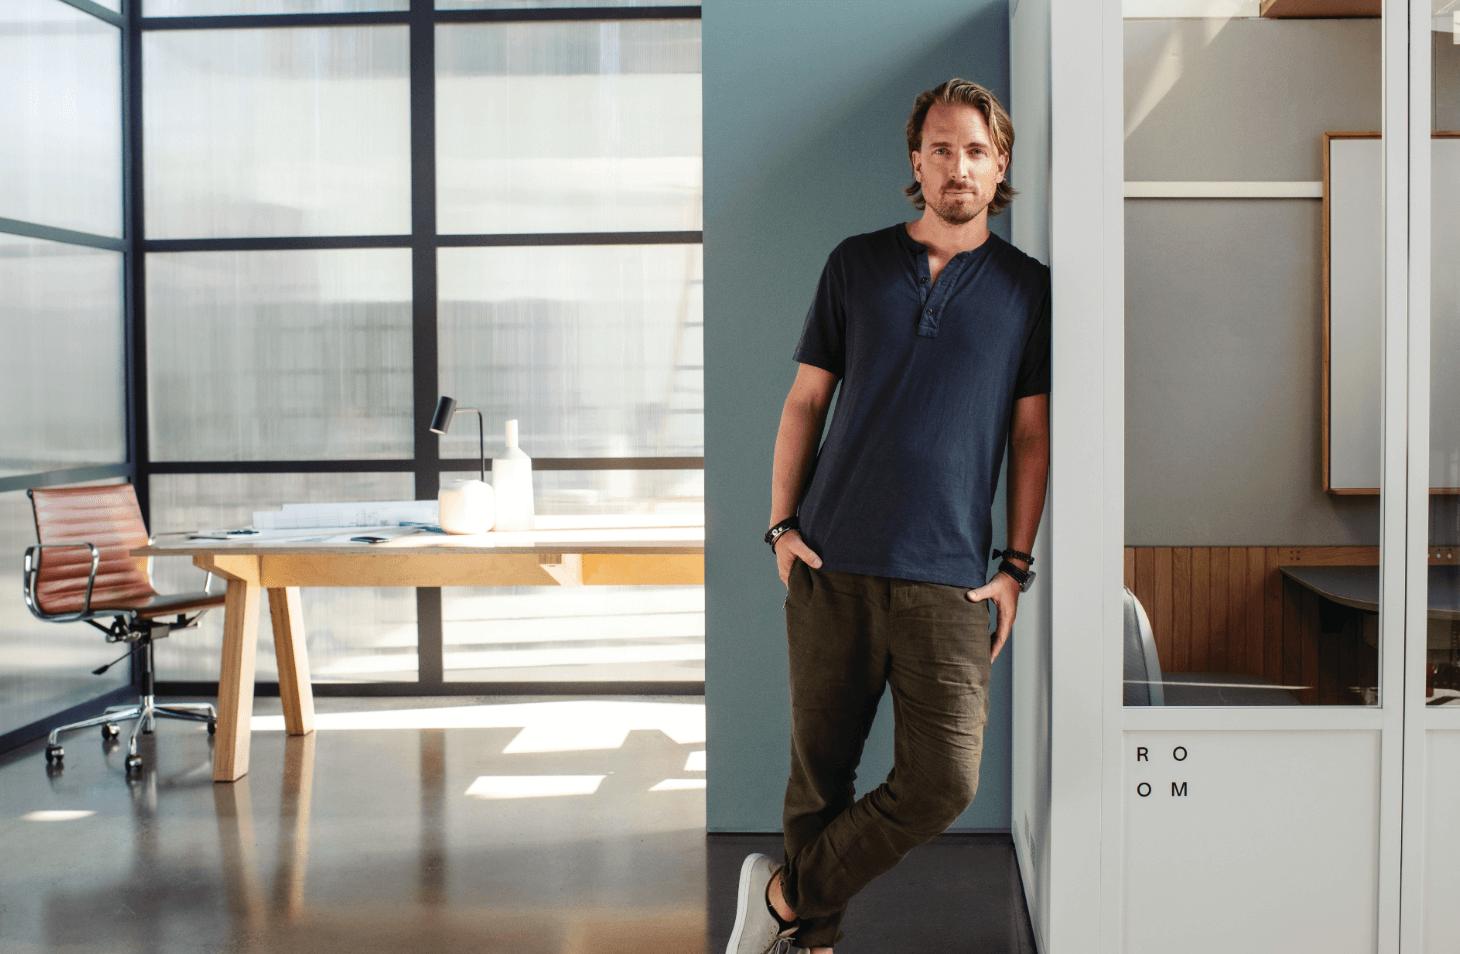 Iværksætter skaffer 80 millioner kr. til kontor-startup -